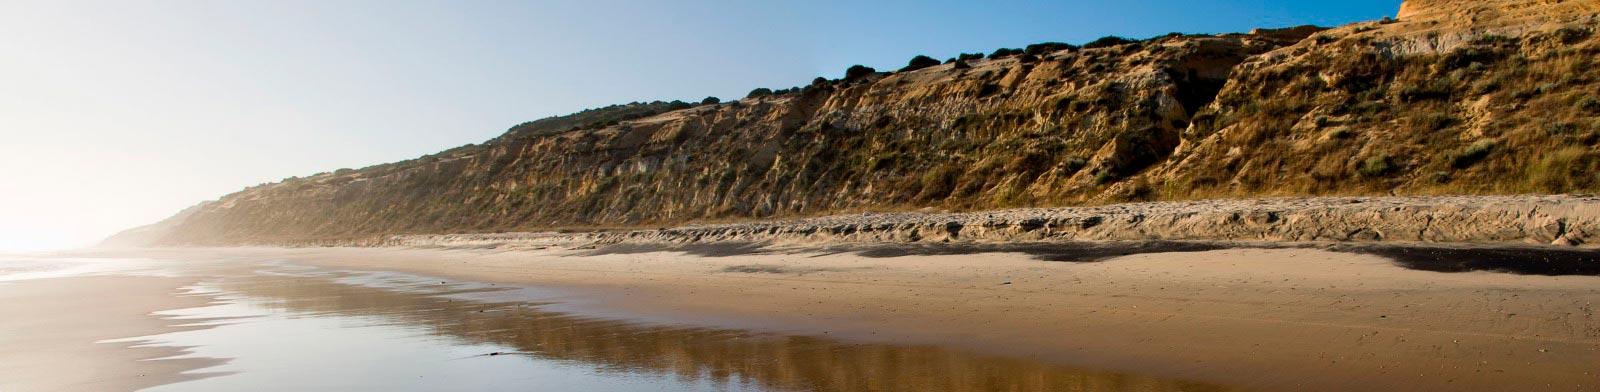 Playa de Cuesta Maneli Matalascañas Mejores playas de Huelva